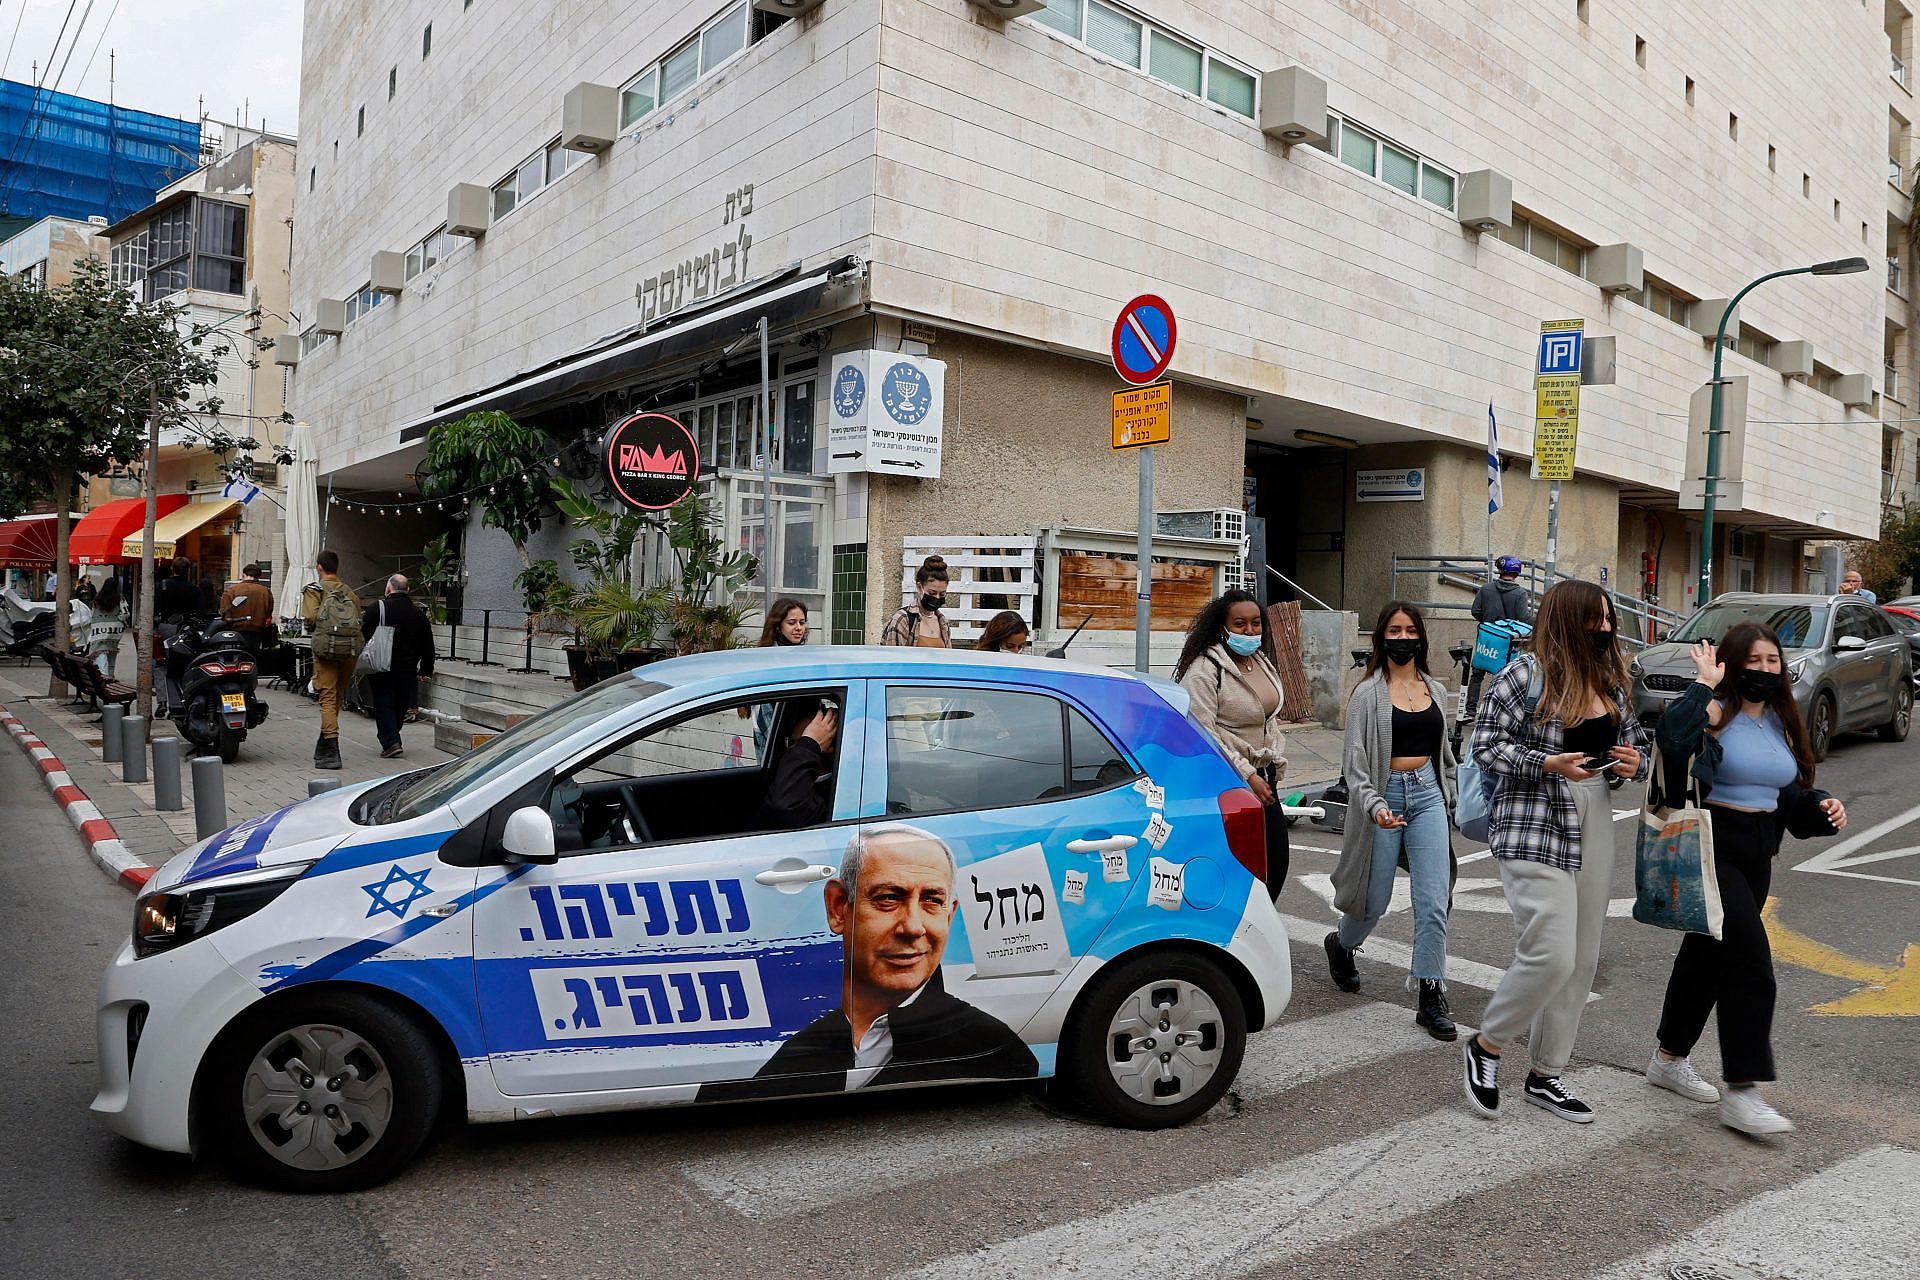 כמה שנאה שפך ראש הממשלה על העיר הזאת. בחירות 2021 בתל אביב (צילום: גטי אימג'ס)